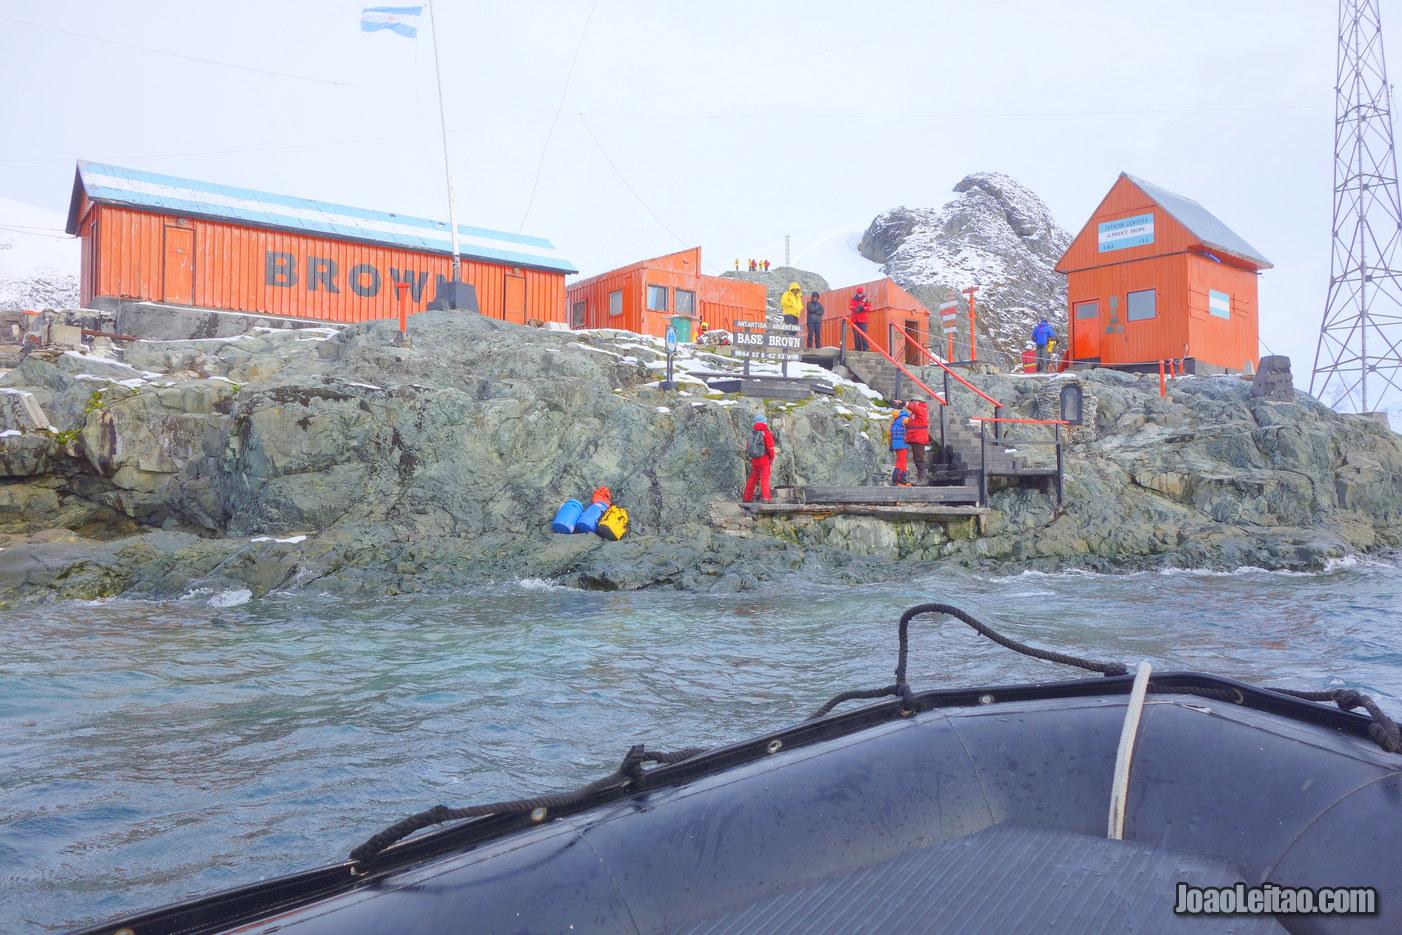 Visitar a Antártida - 17 Locais maravilhosos a não perder 9